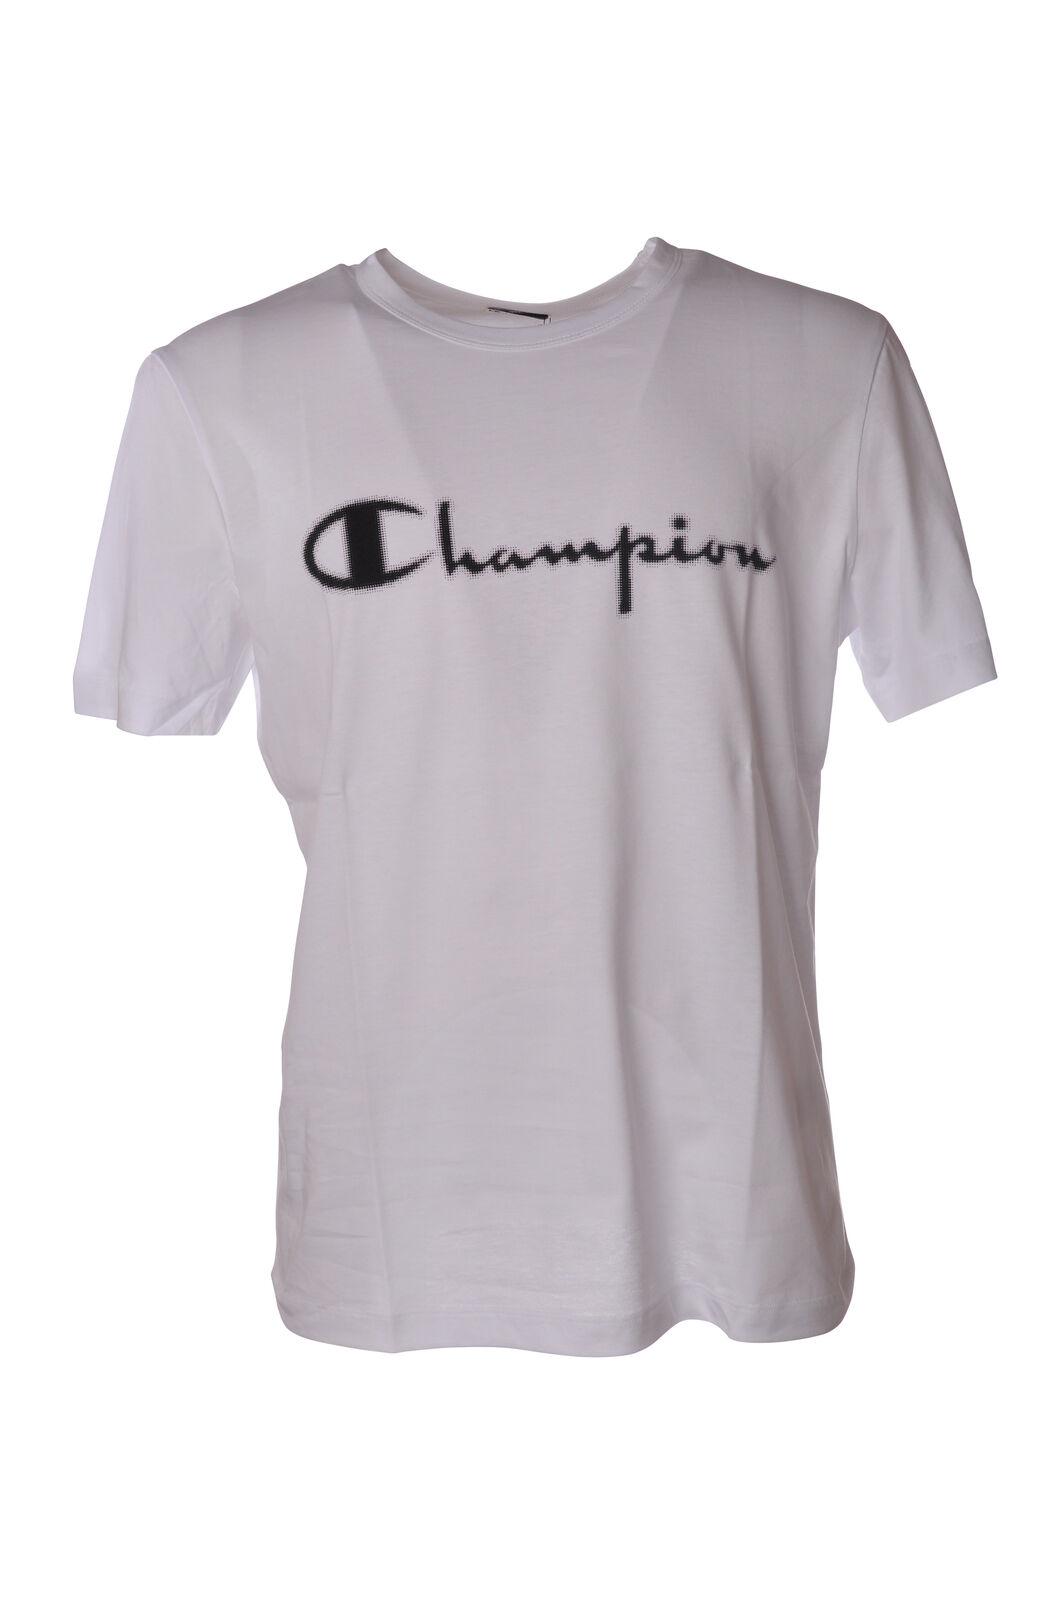 Paolo Pecora - Topwear-T-shirts - Mann - white - 5207010H183956